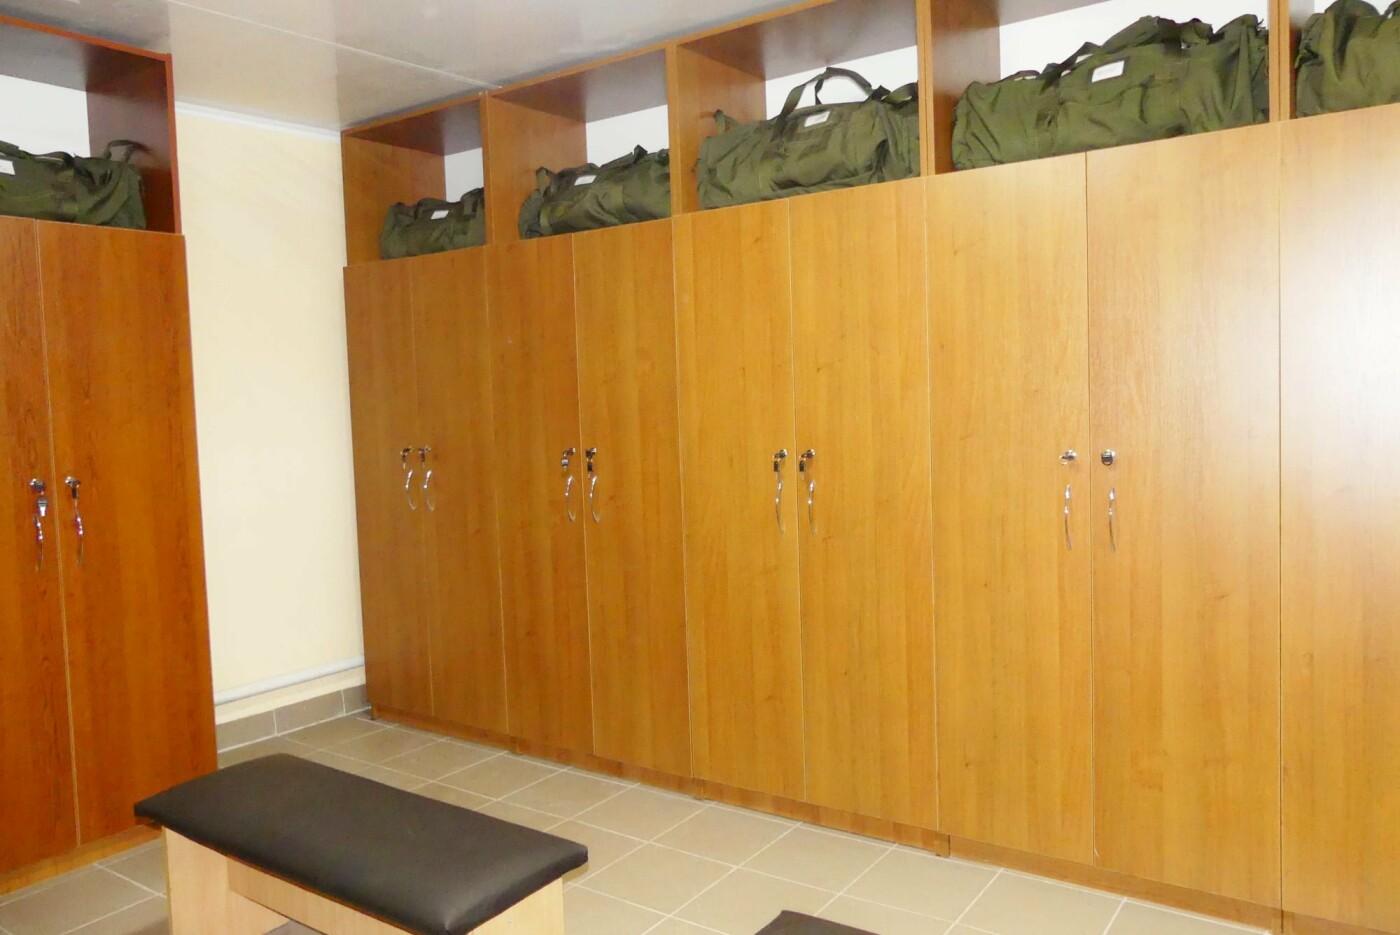 Військовослужбовці Нацгвардії переїхали у нове приміщення, фото-3, Фото: Кам'янець-Подільська міська рада